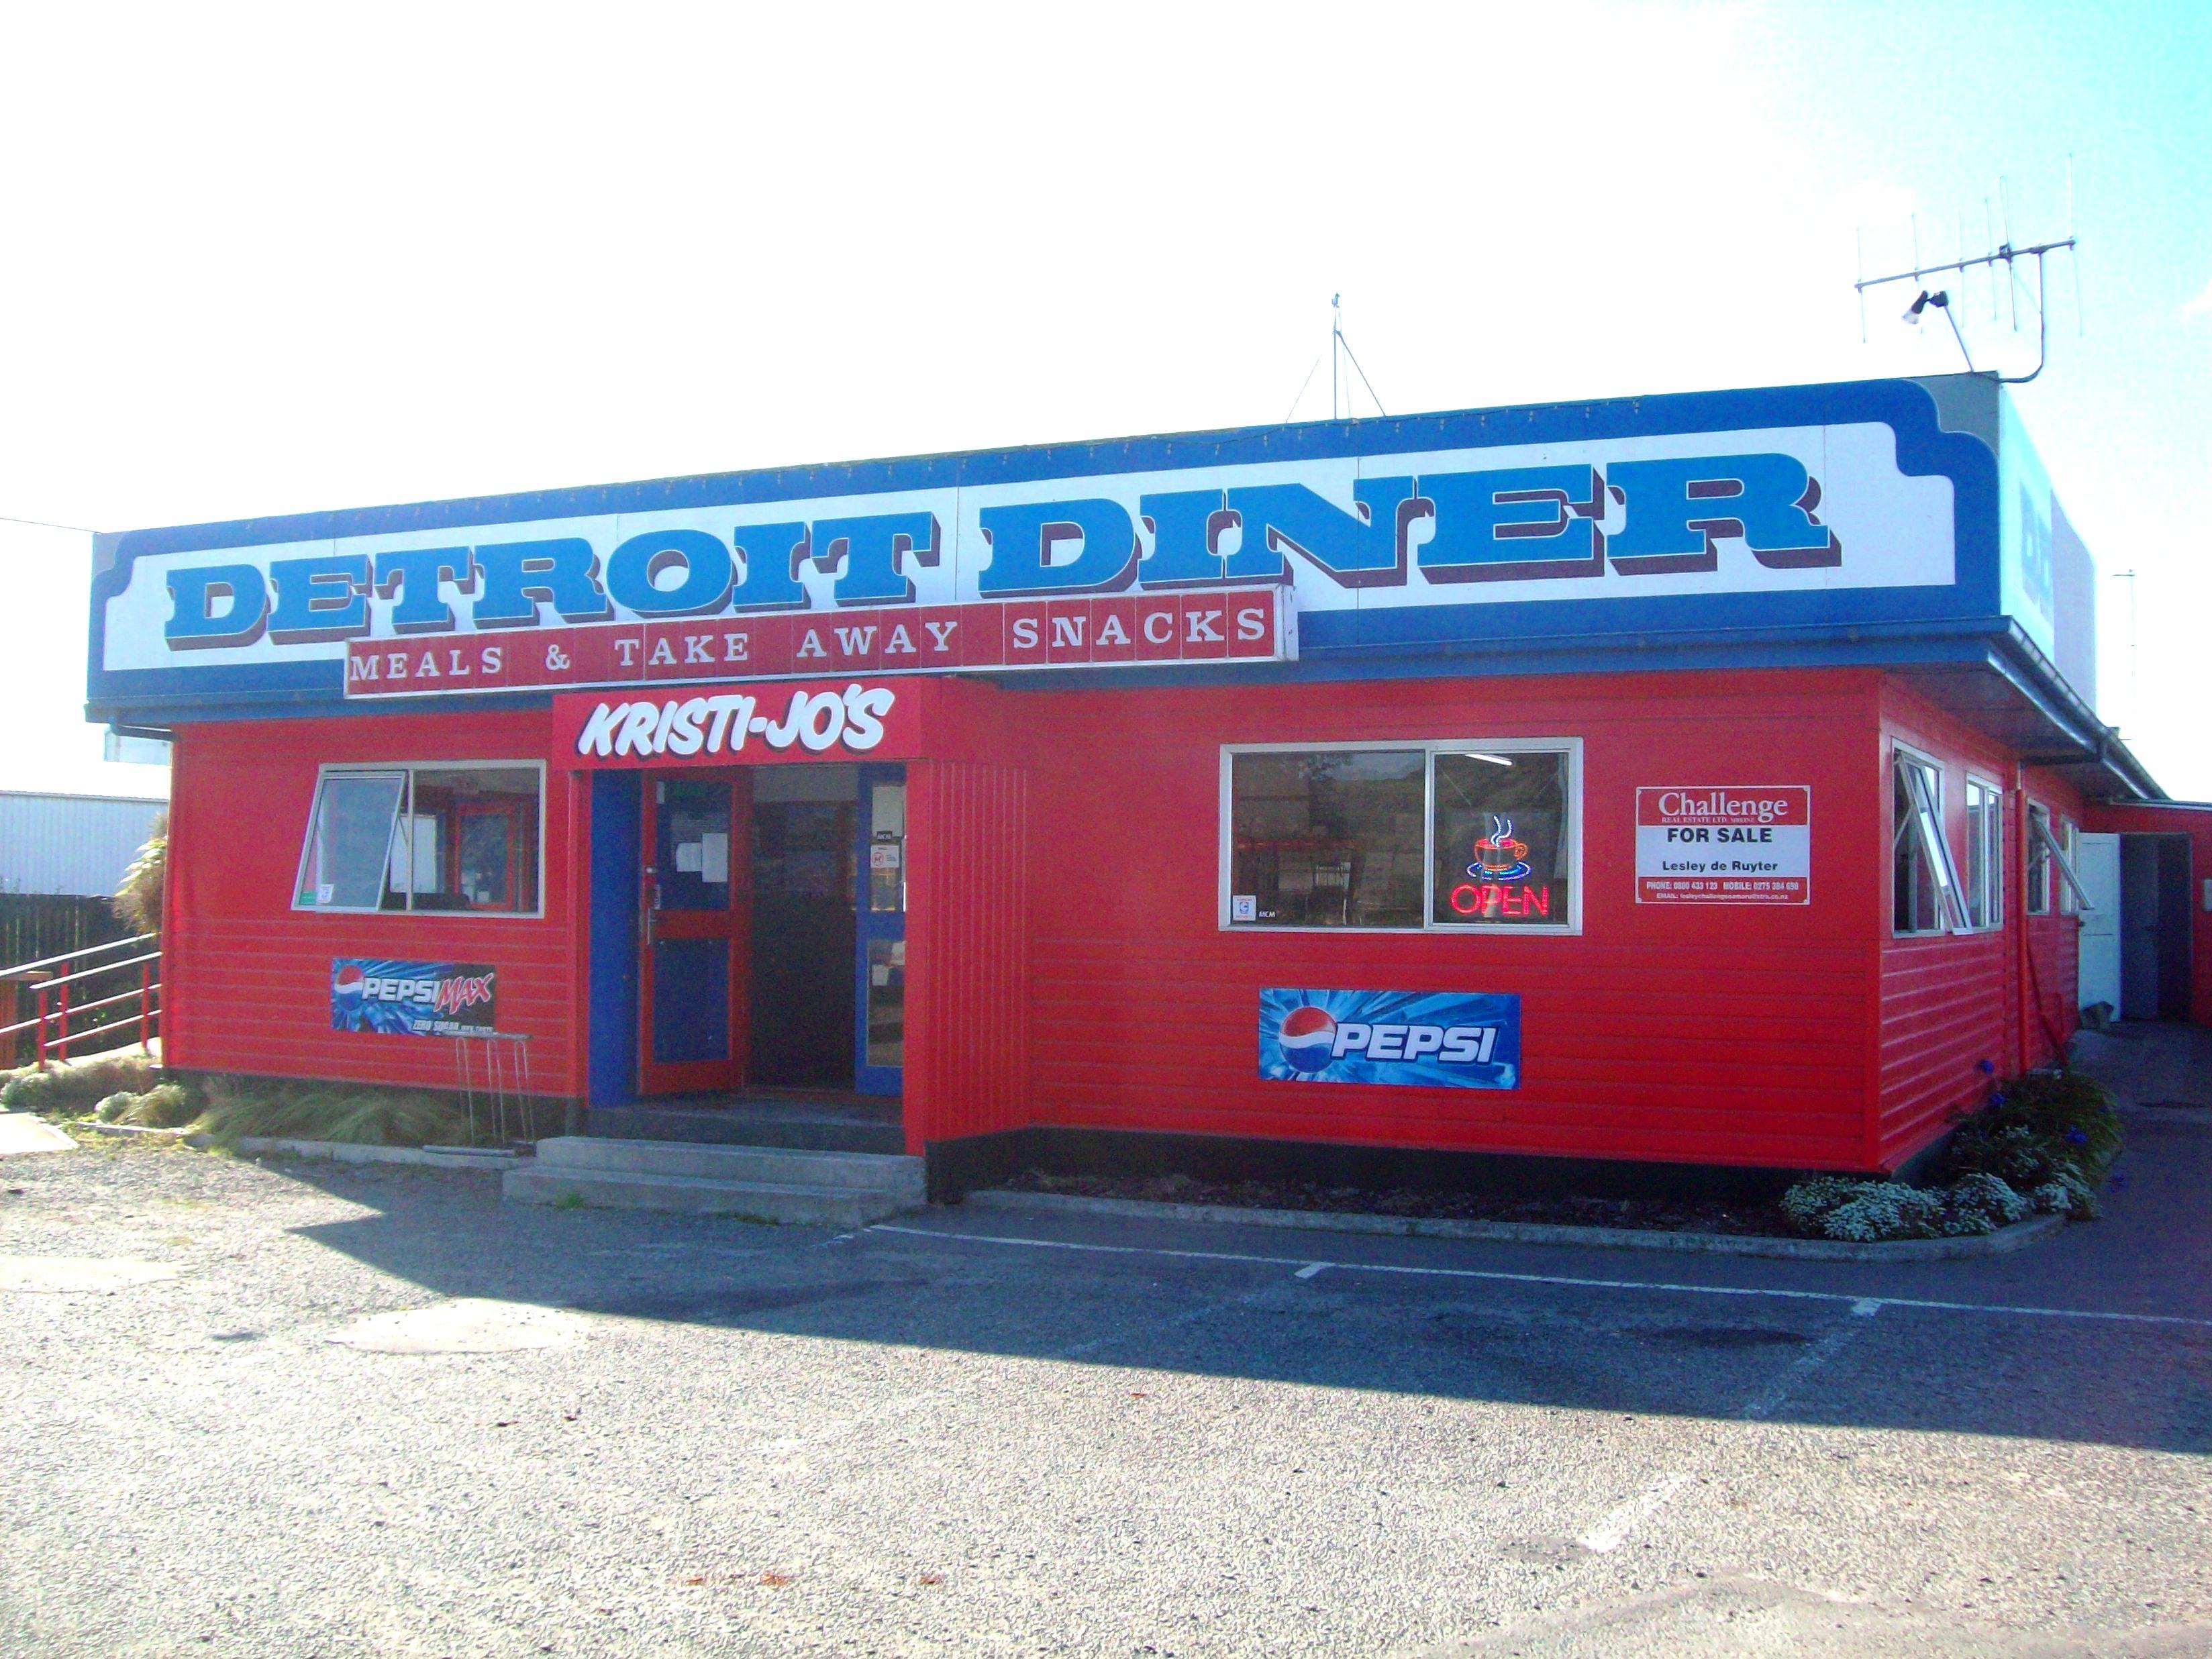 THE DETROIT DINER, Blue, Building, Cargo, Detroit, HQ Photo